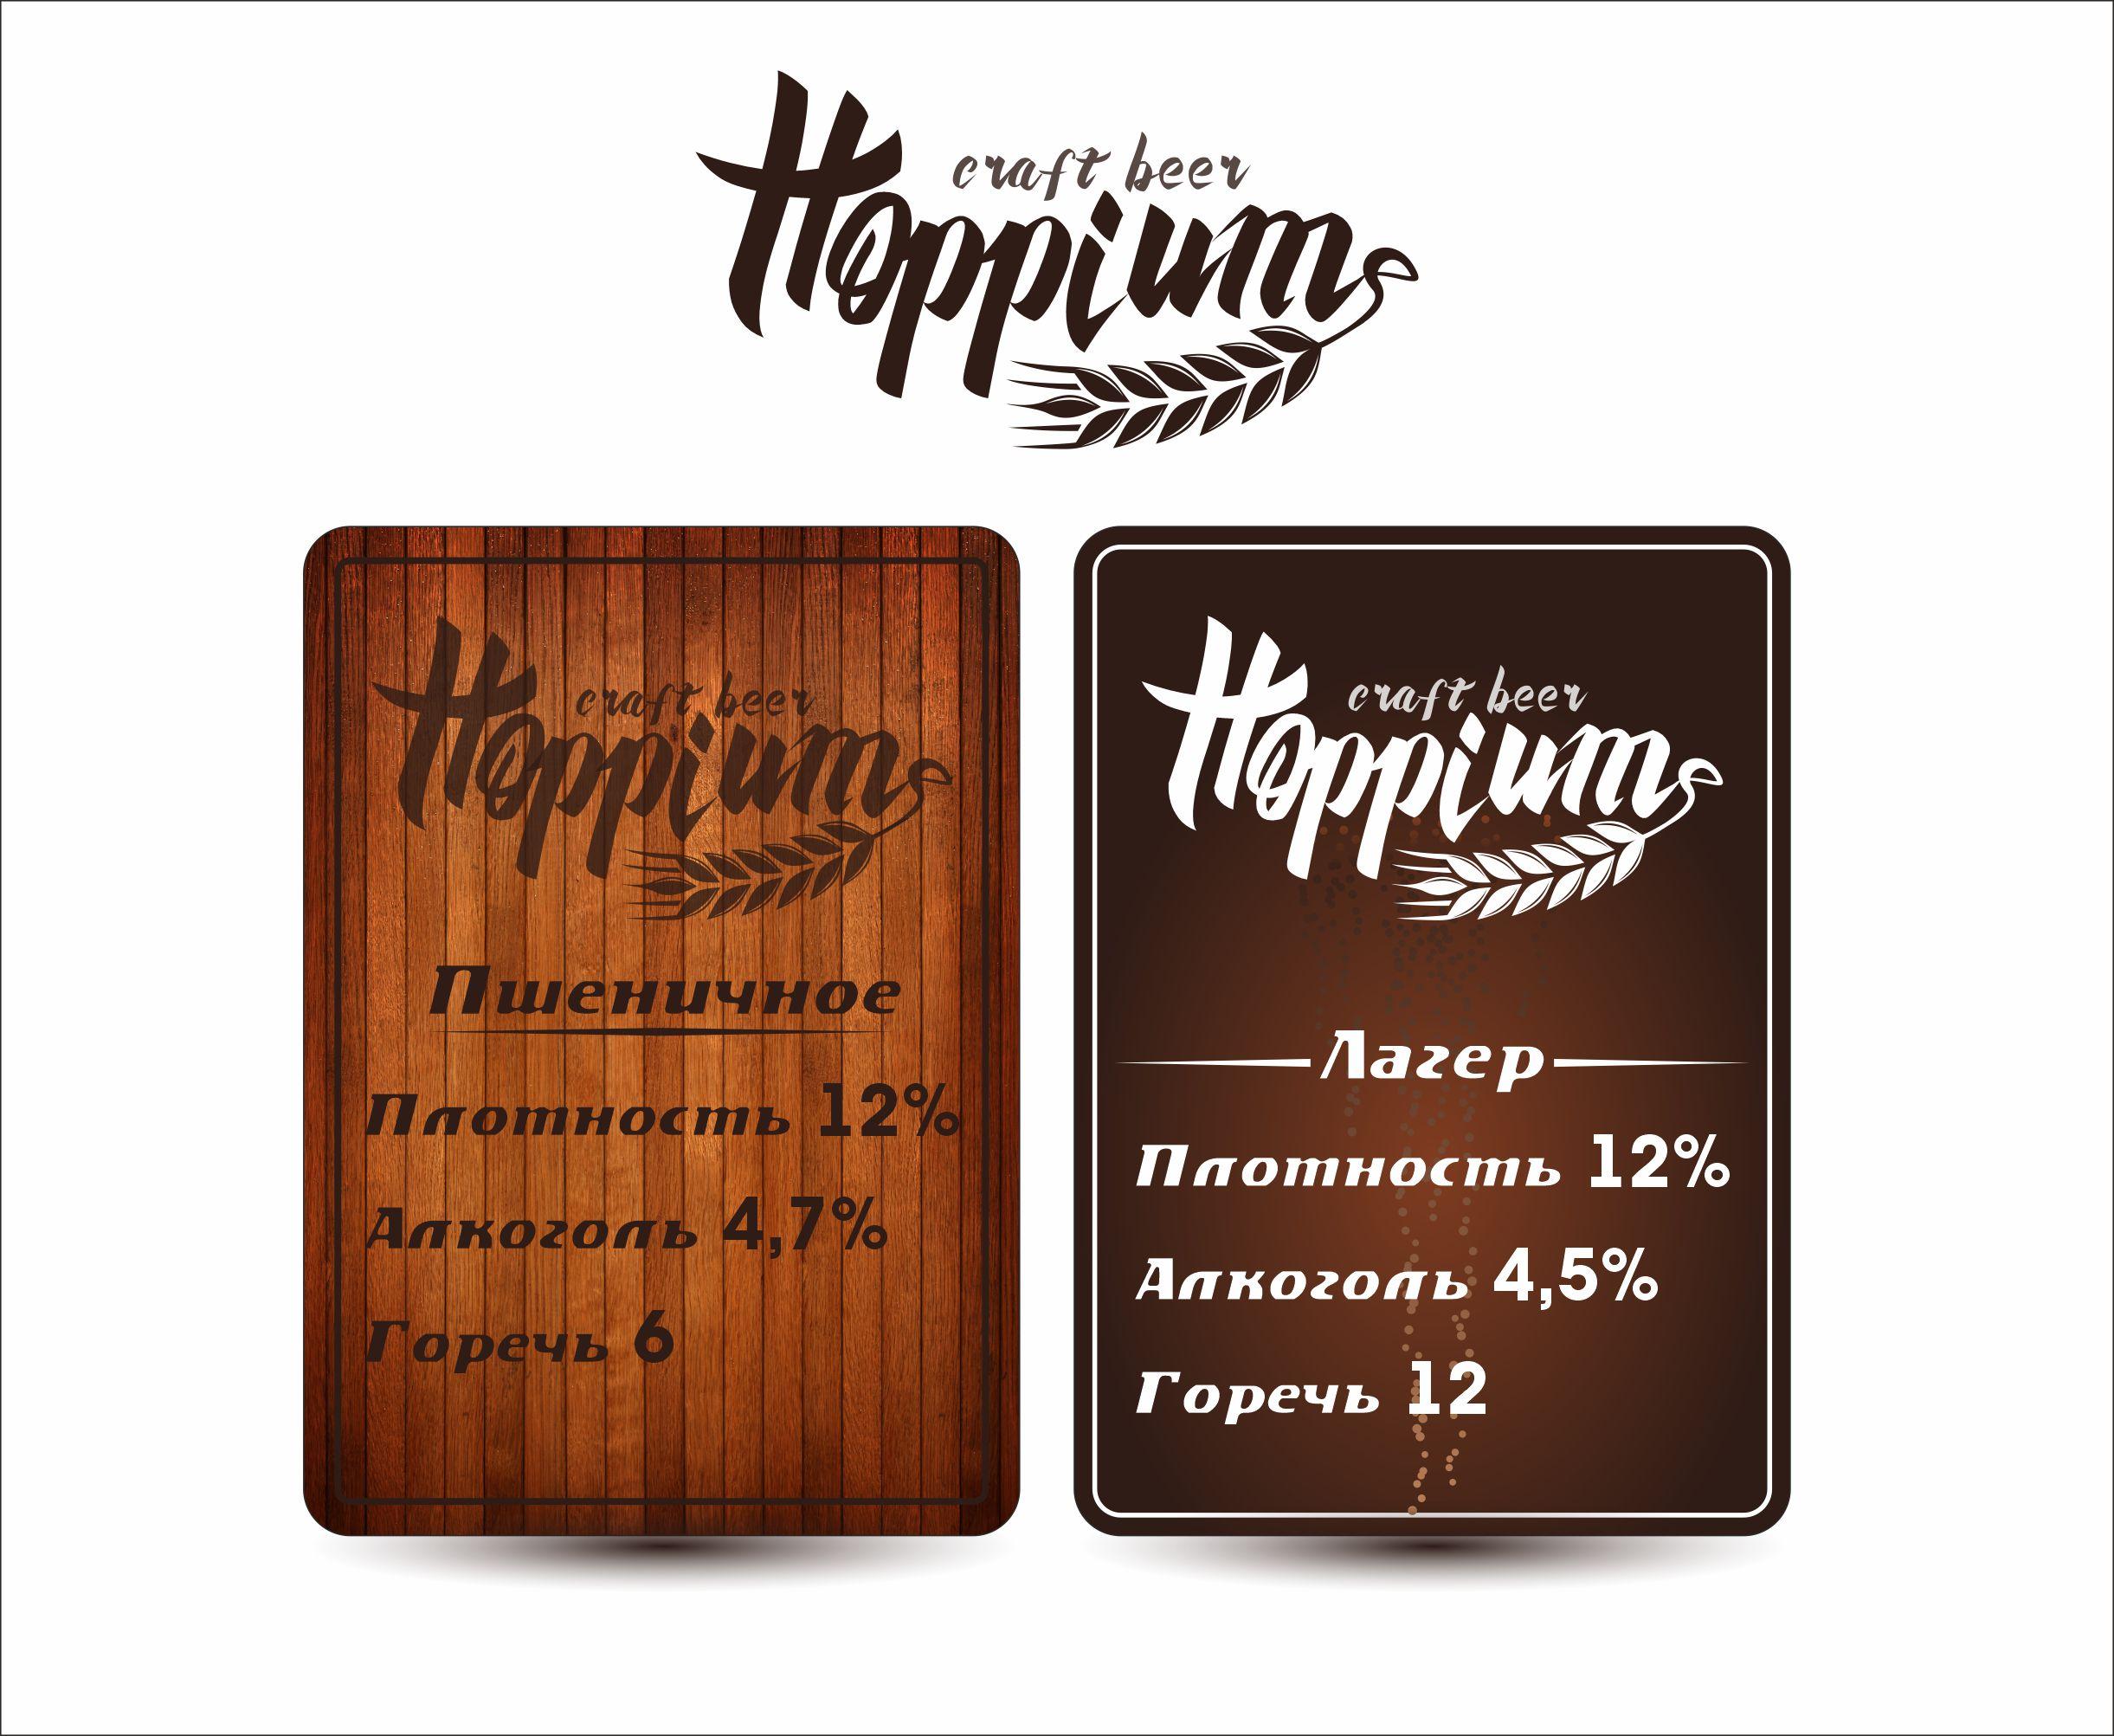 Логотип + Ценники для подмосковной крафтовой пивоварни фото f_4515dc65945eaa3e.jpg